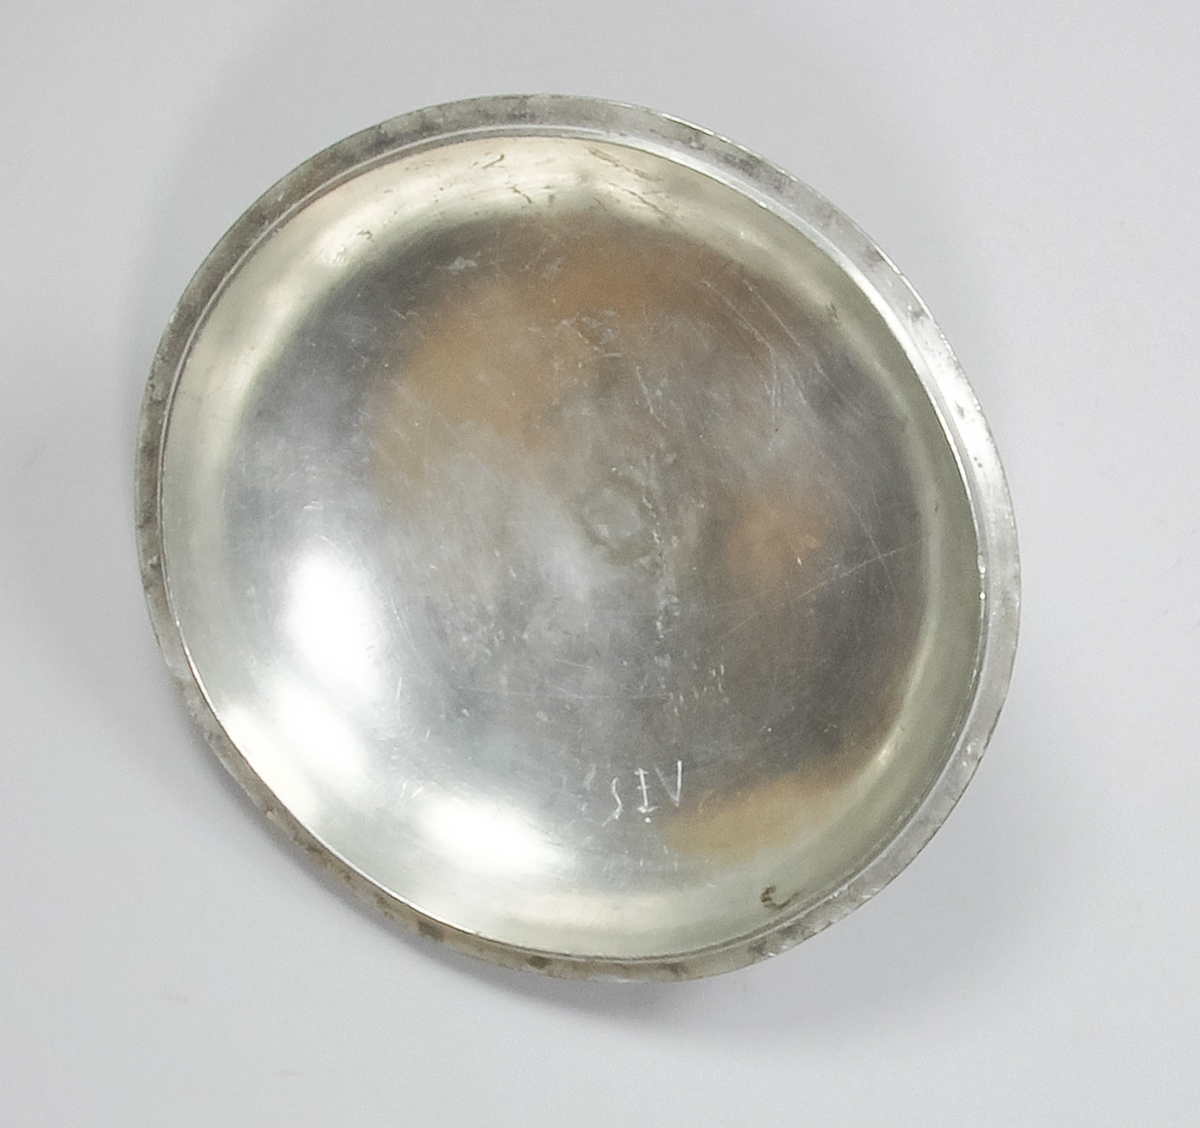 Skål med lock tillverkad av tenn. Locket har en rund form och kröns med en profilerad rund knopp. Skålen har rund form med två handtag på sidorna. Handtagen är profilerade och gängade.